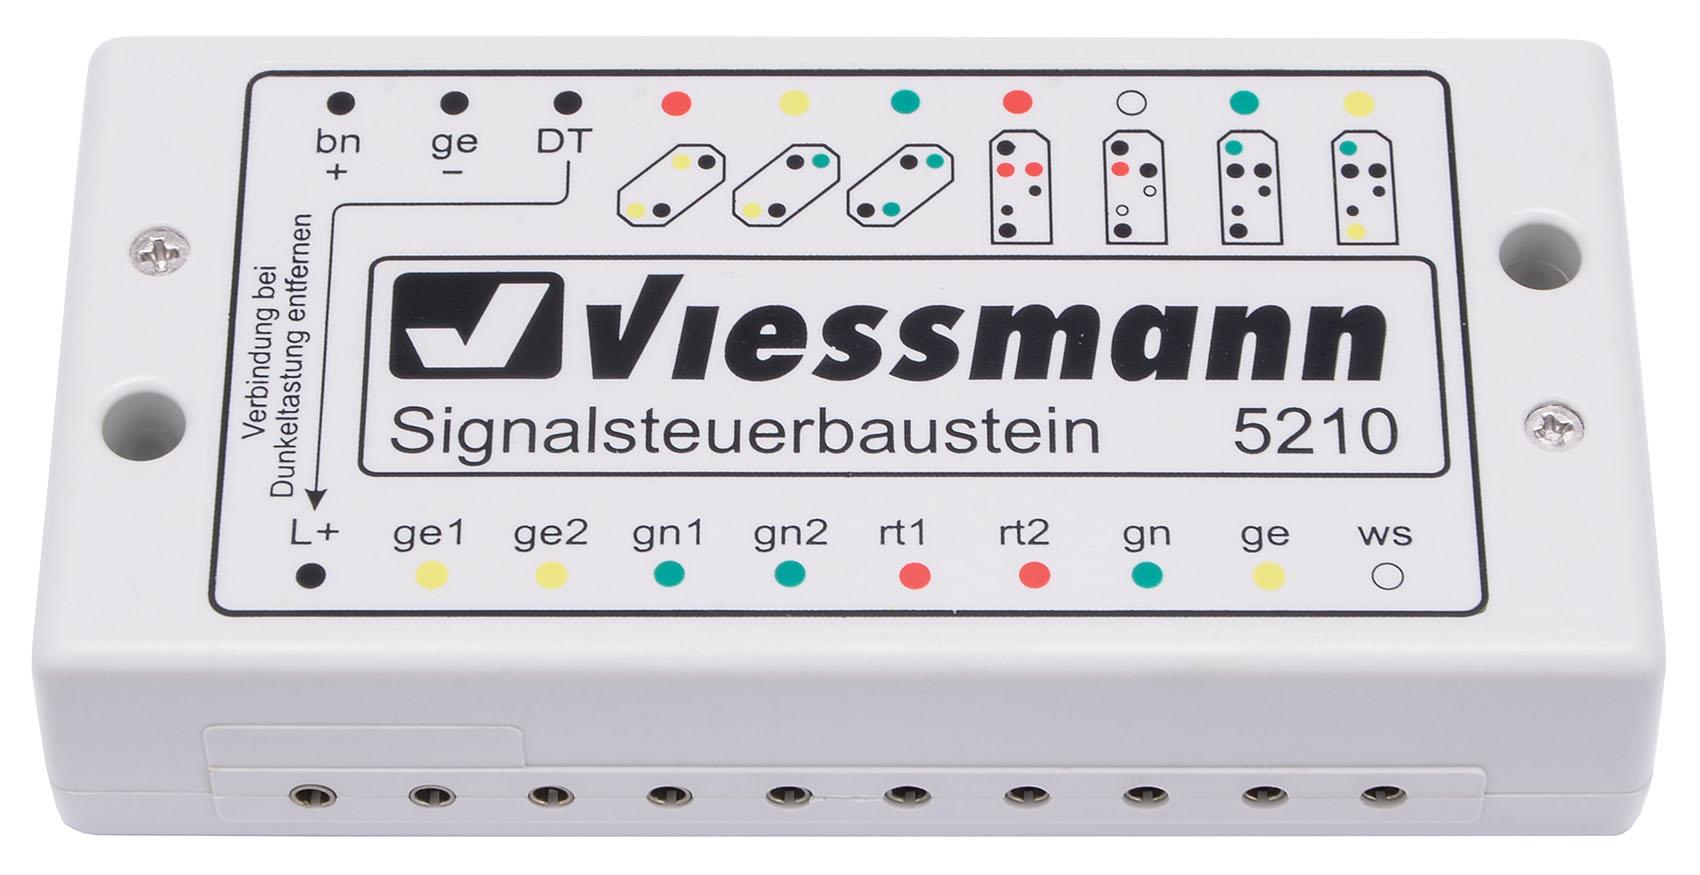 Viessmann 5210 Signalsteuerbaustein für Lichtsignale